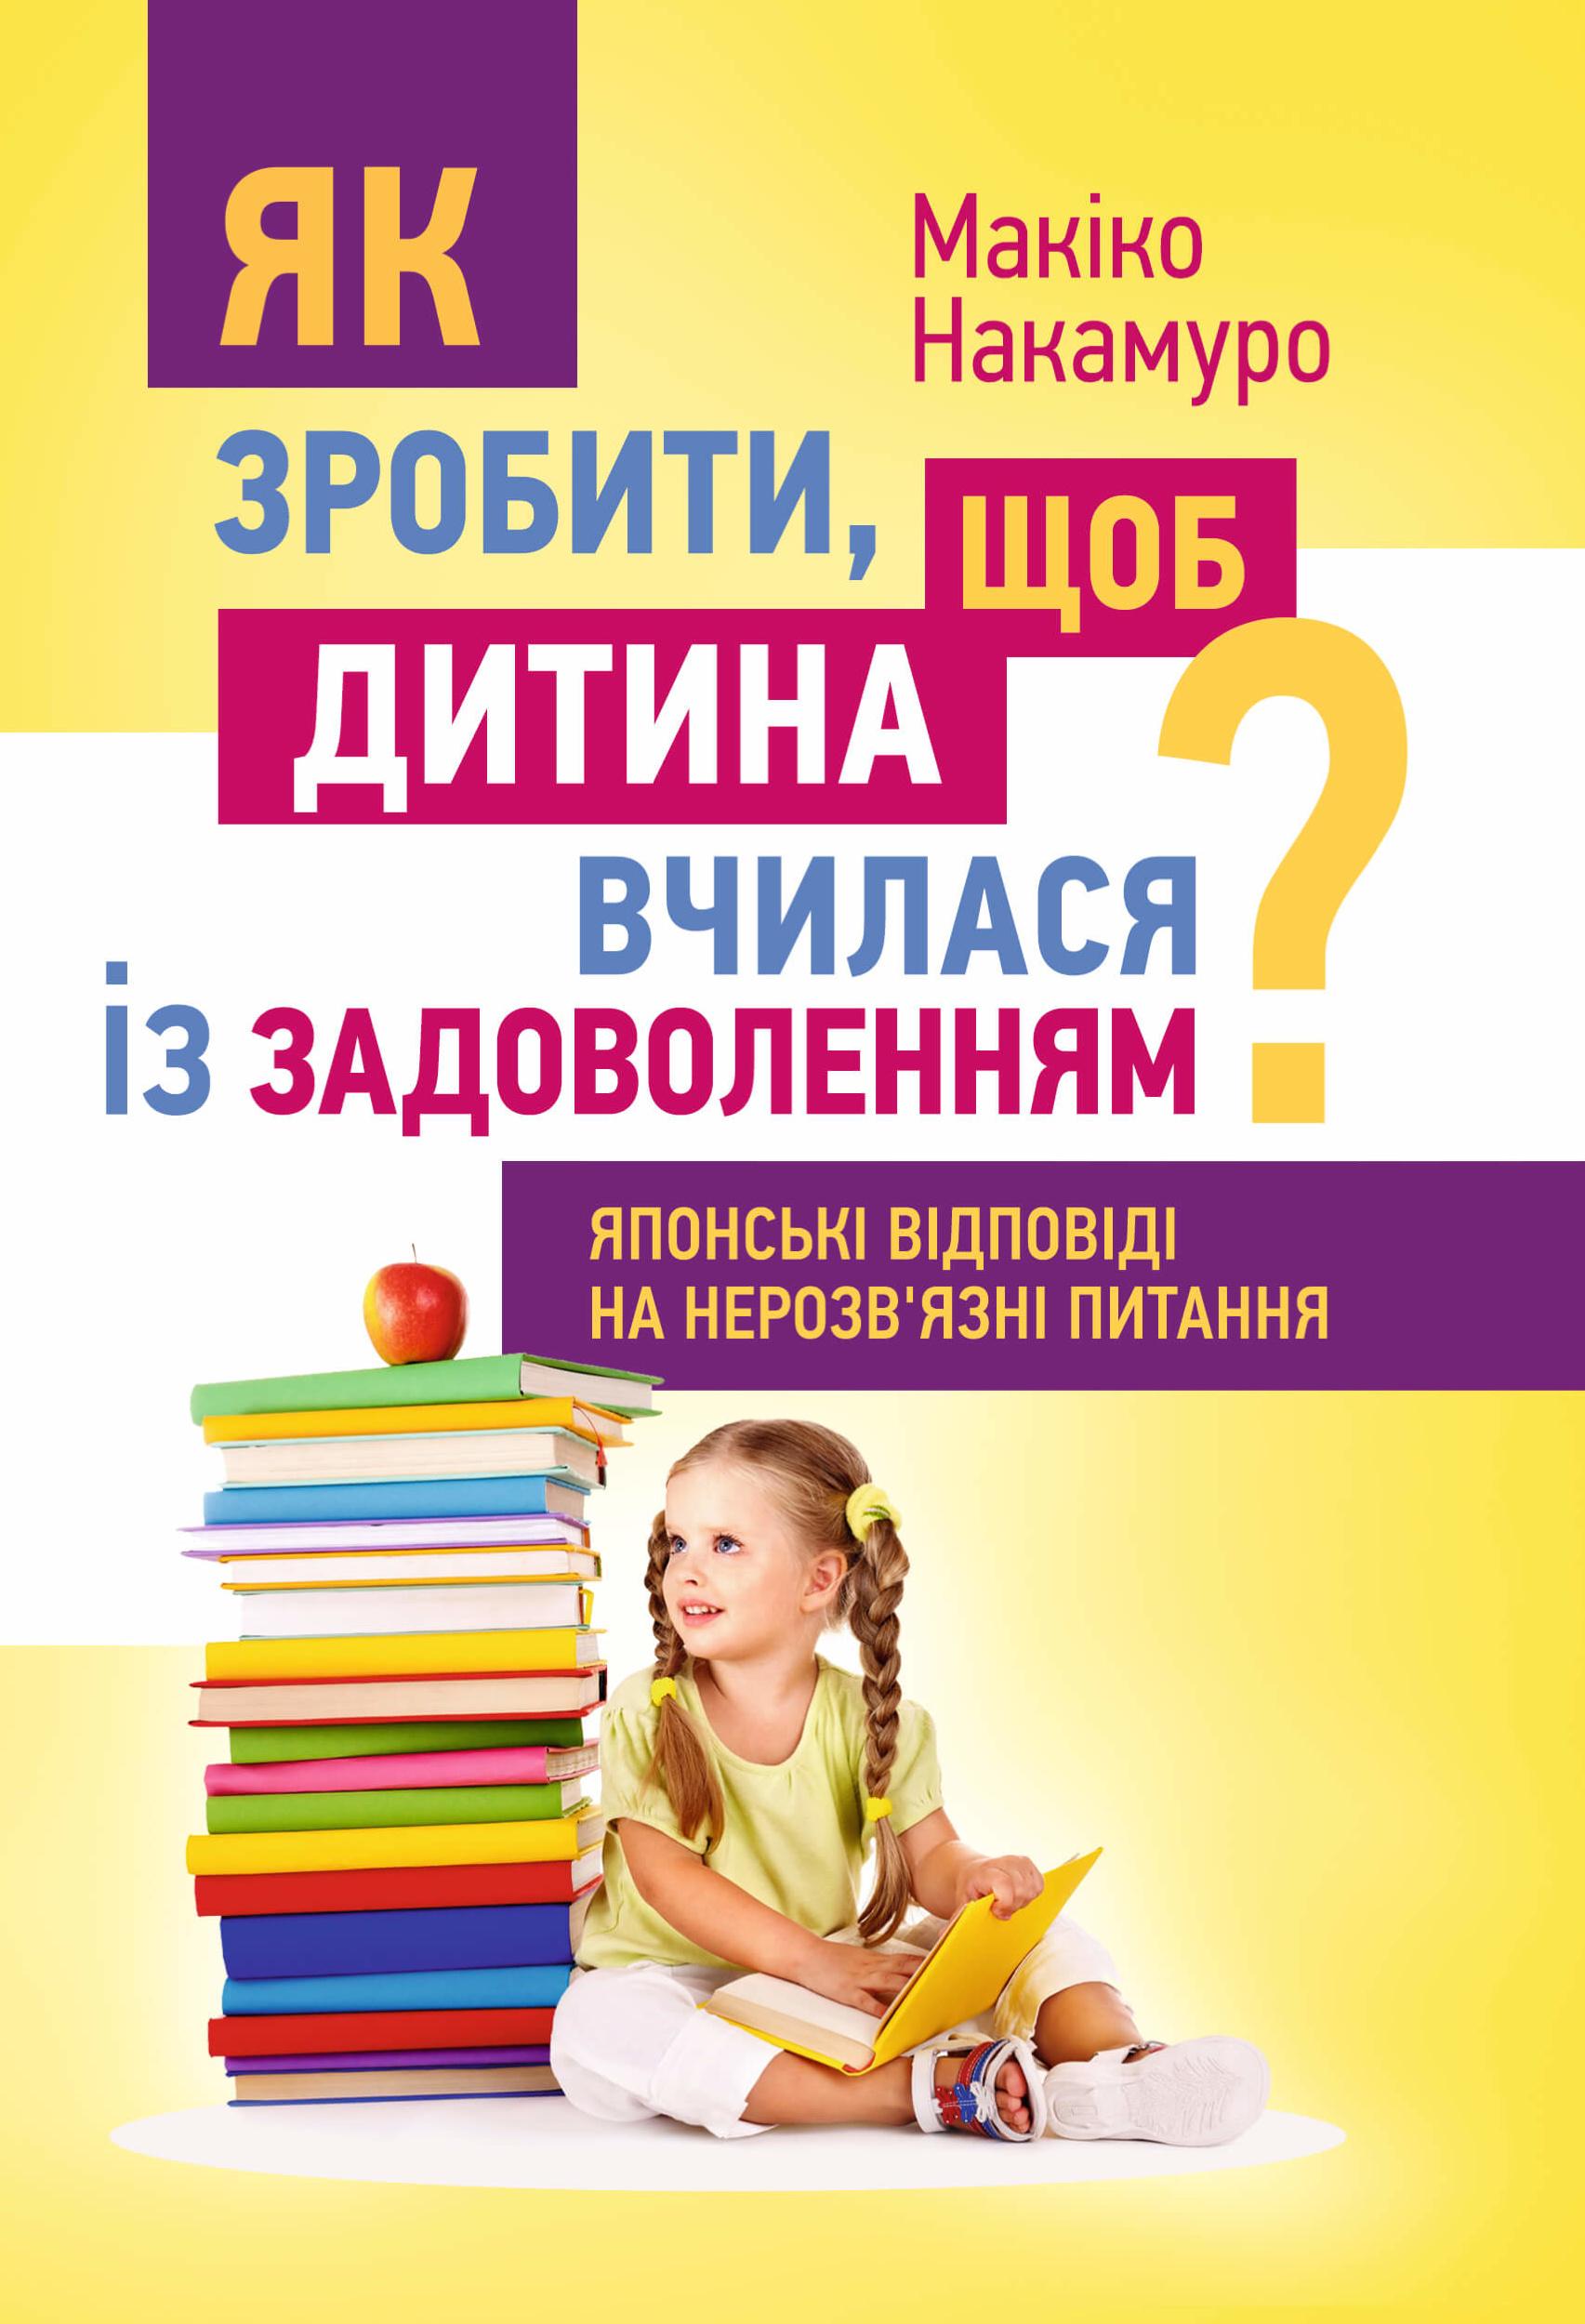 Як зробити, щоб дитина вчилася з задоволенням? Японські відповіді на нерозв'язні питання